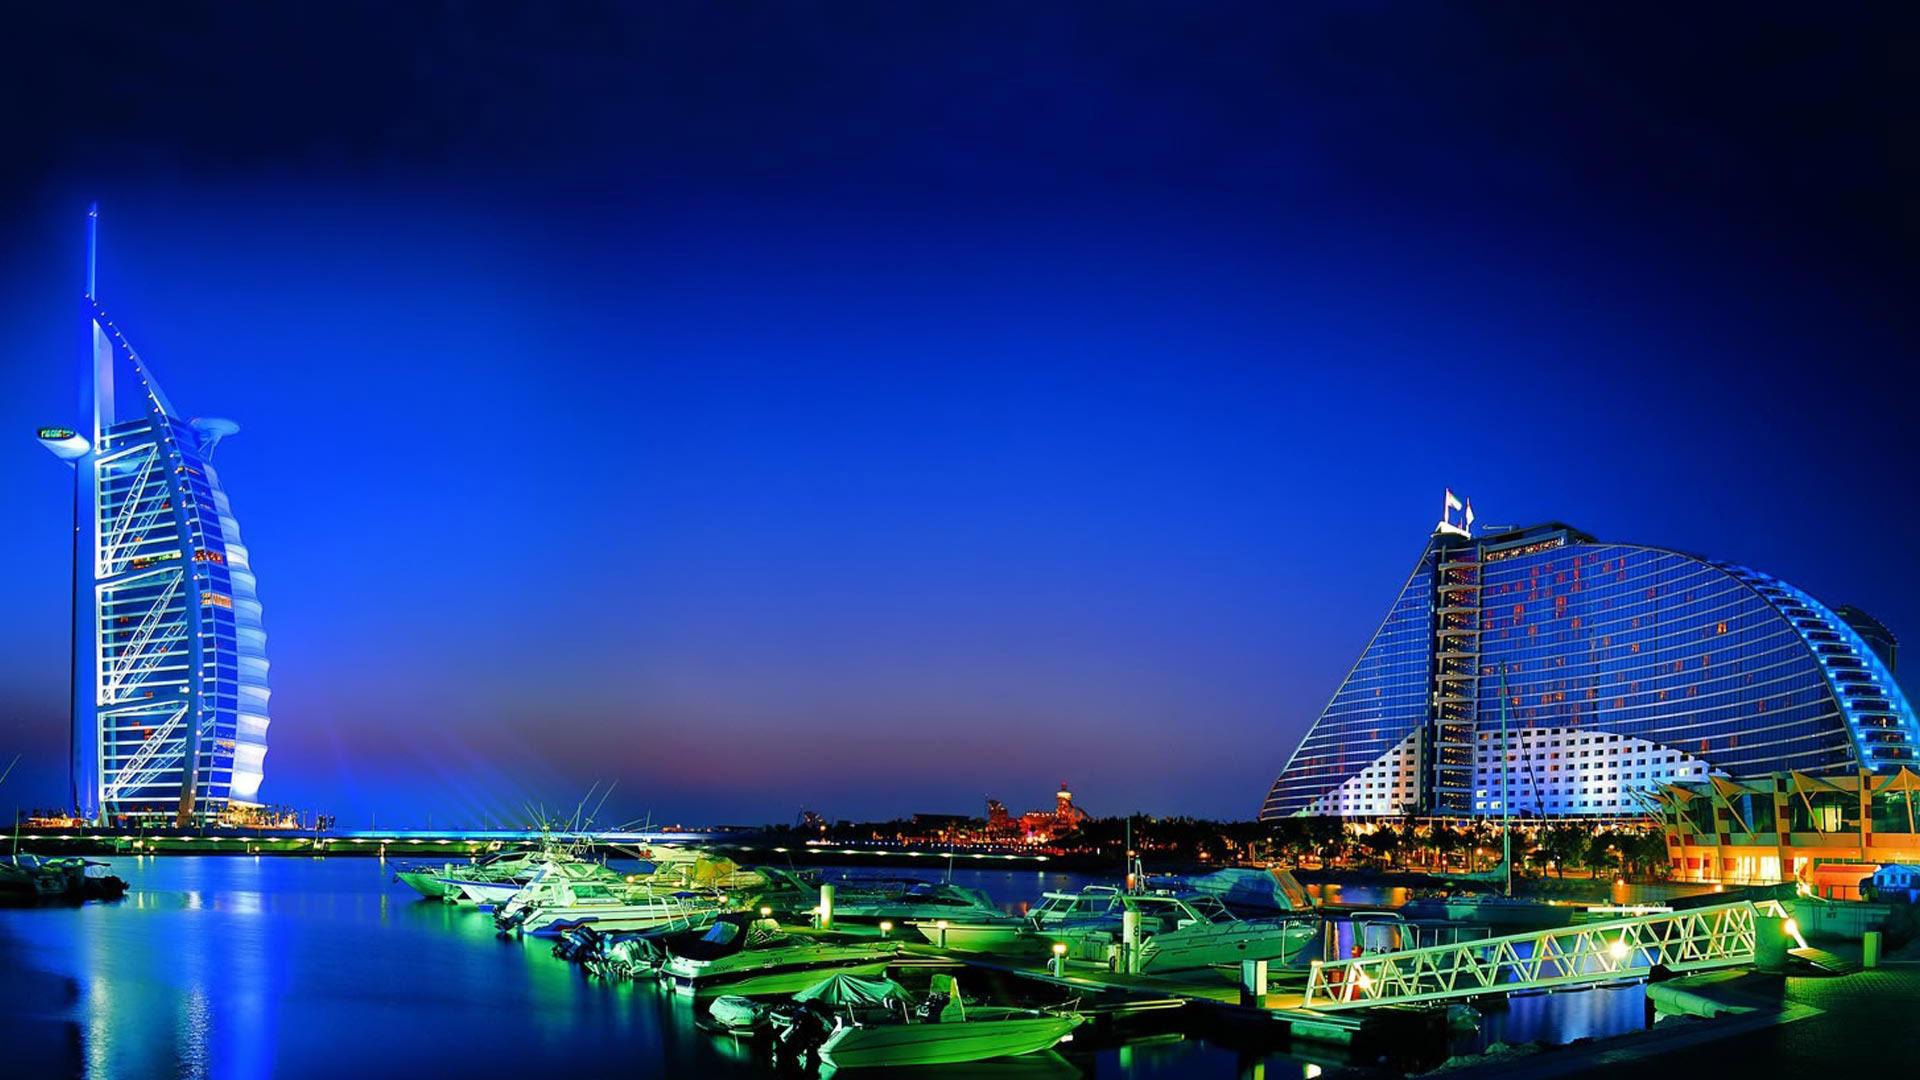 Дубай баку сколько стоит квартира в стамбуле купить